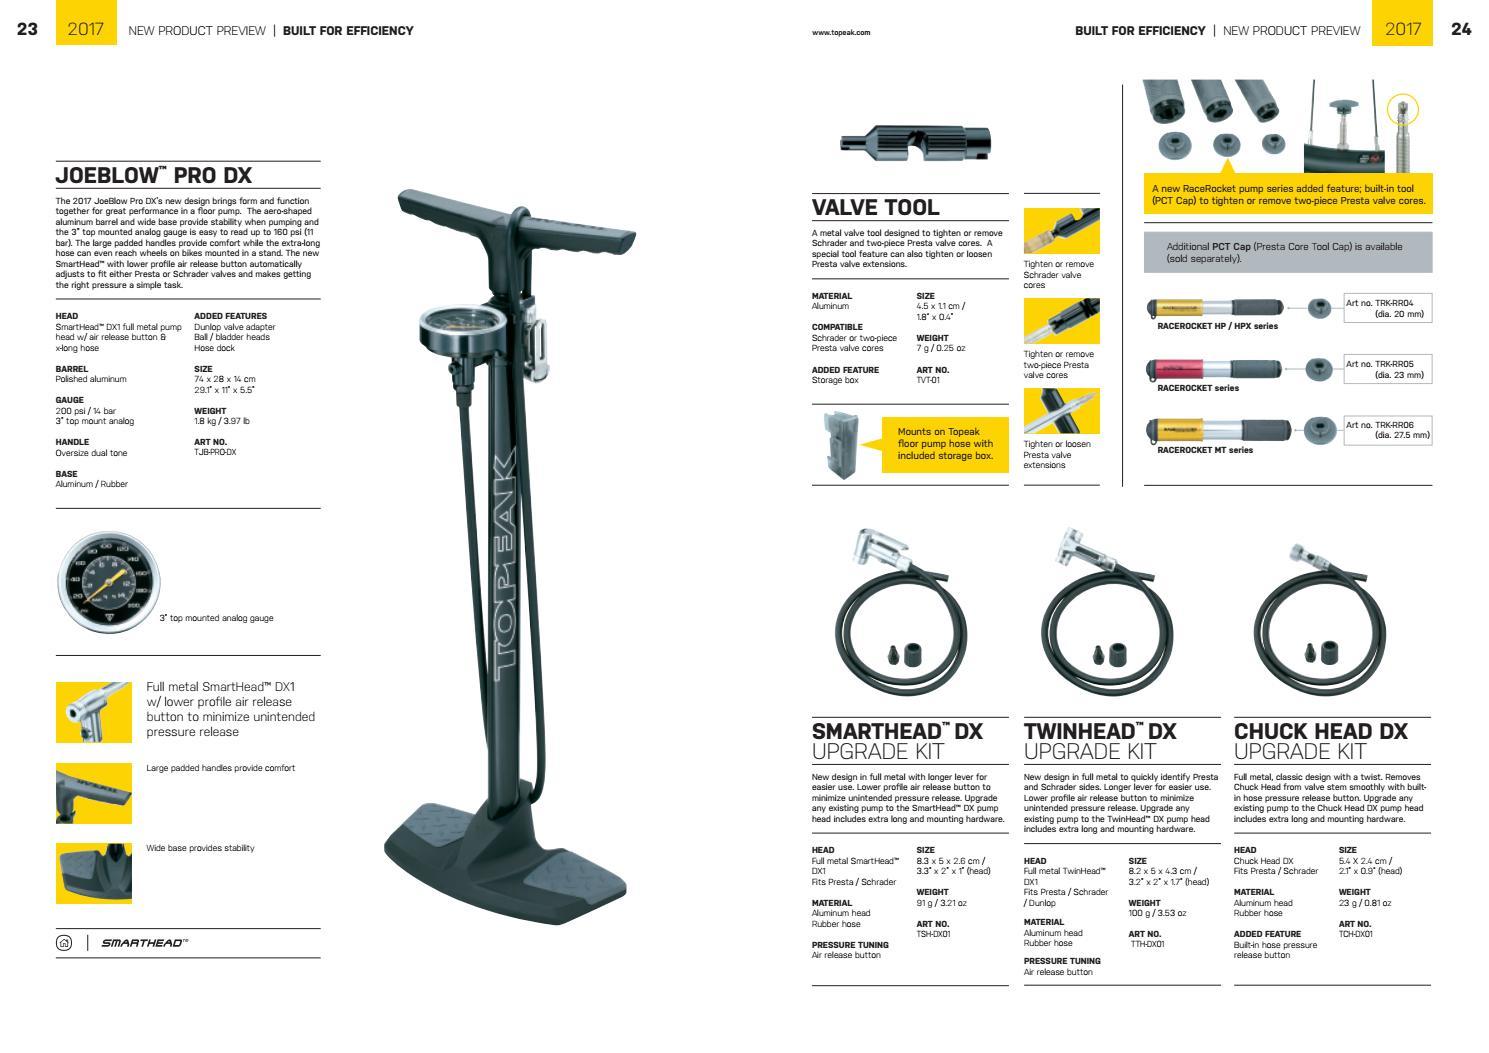 Topeak Joeblow Pro Dx Floor Pump 200 Psi//14Bar with Smarthead Dx1 Full Metal Pump Head